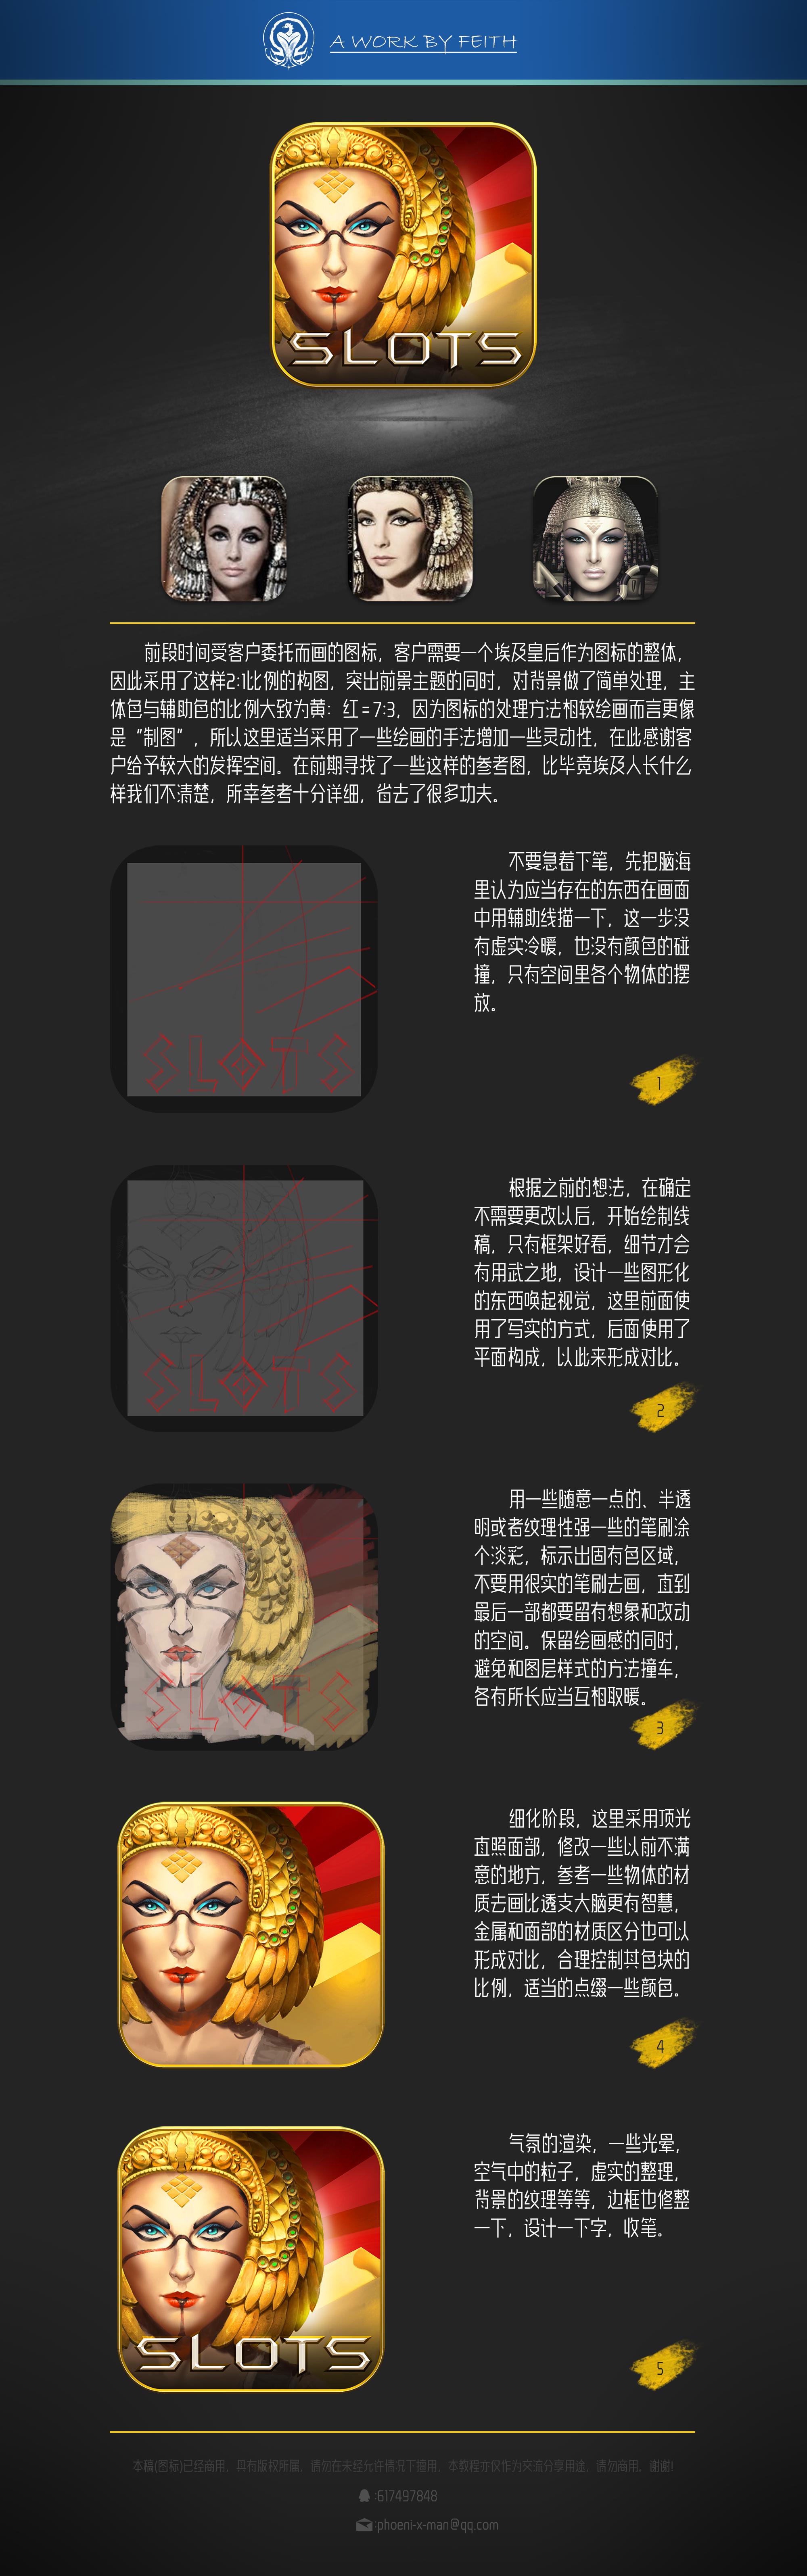 查看《一个埃及风格的Slots图标绘制(带过程)》原图,原图尺寸:2000x6387